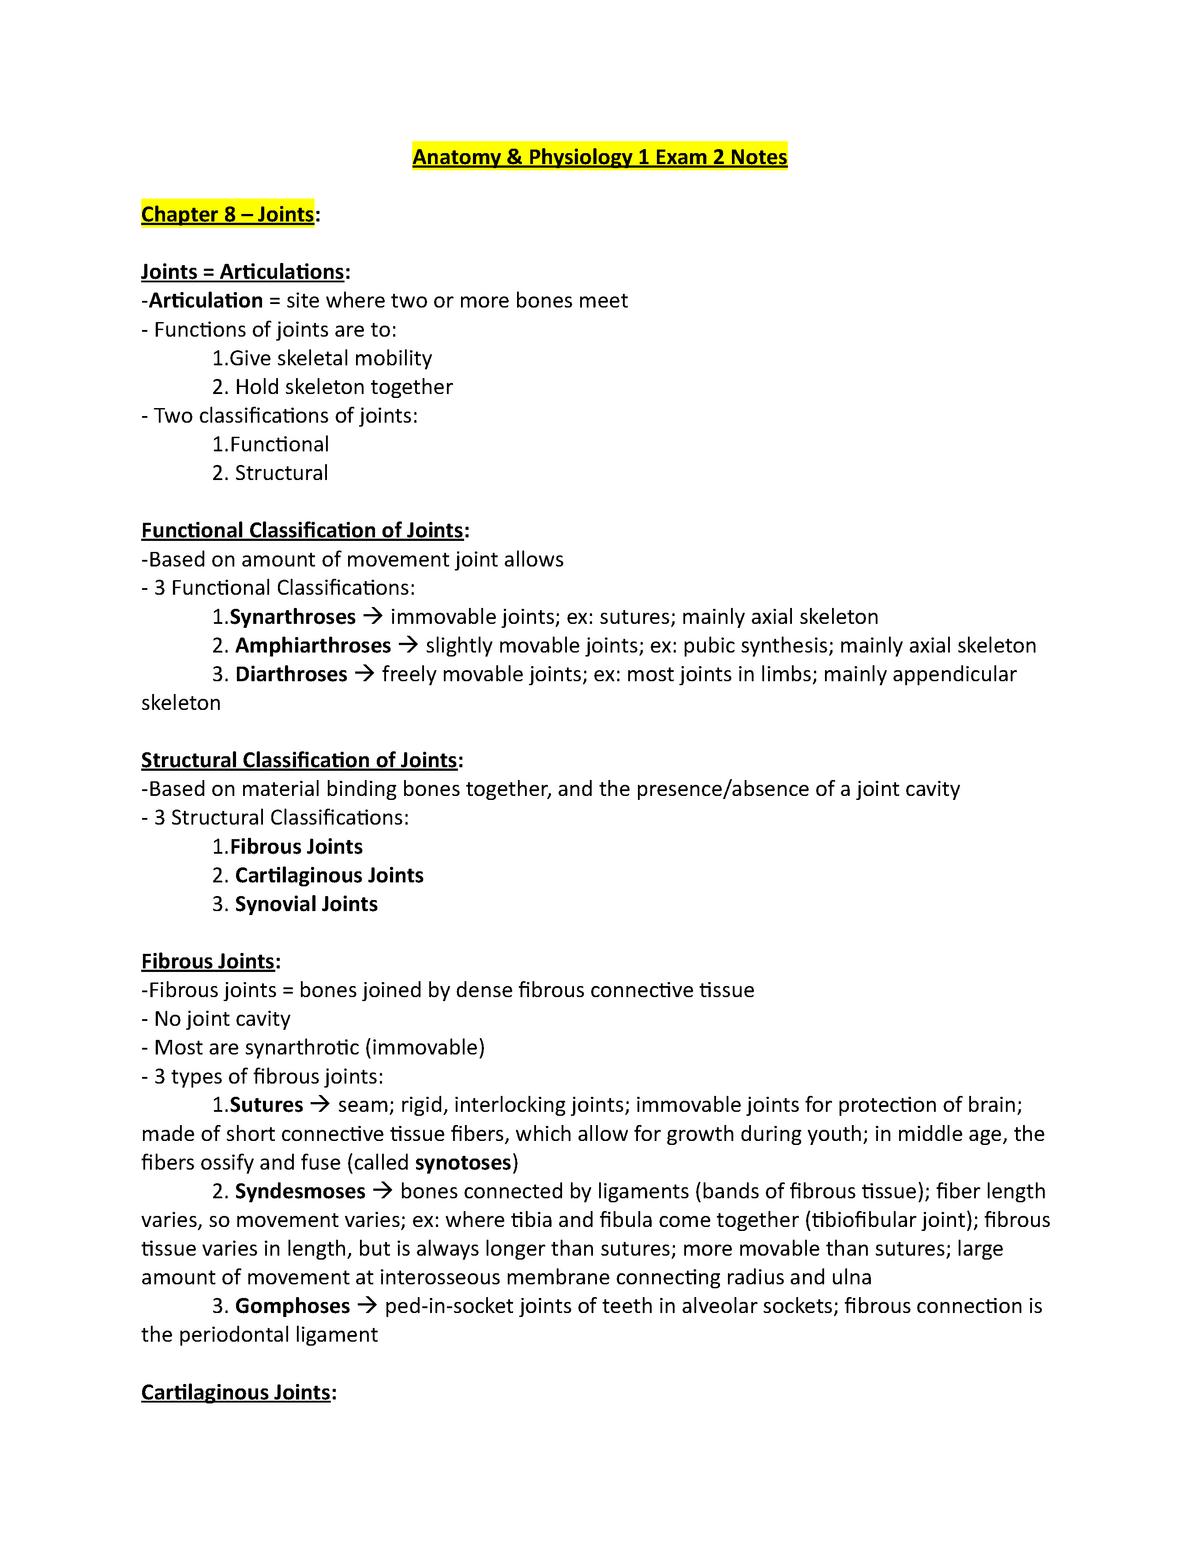 A&P 1 Exam 2 Notes - Professor Amatuli - BSC 2085C - StuDocu